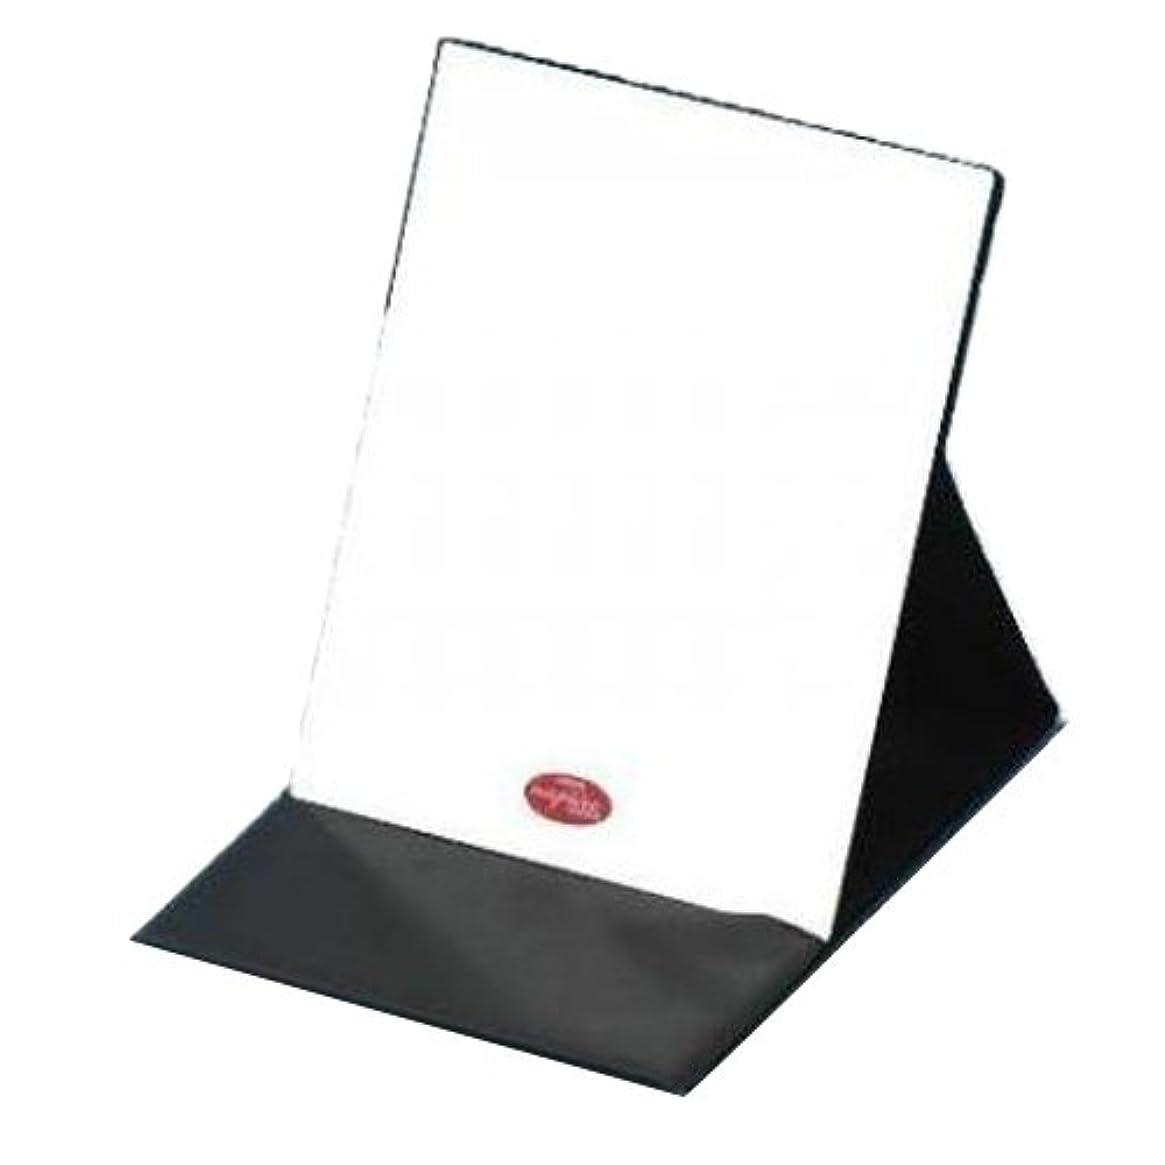 ティームロイヤリティ延期するHP-43 ナピュア プロモデル拡大鏡付き折立ミラー(L)